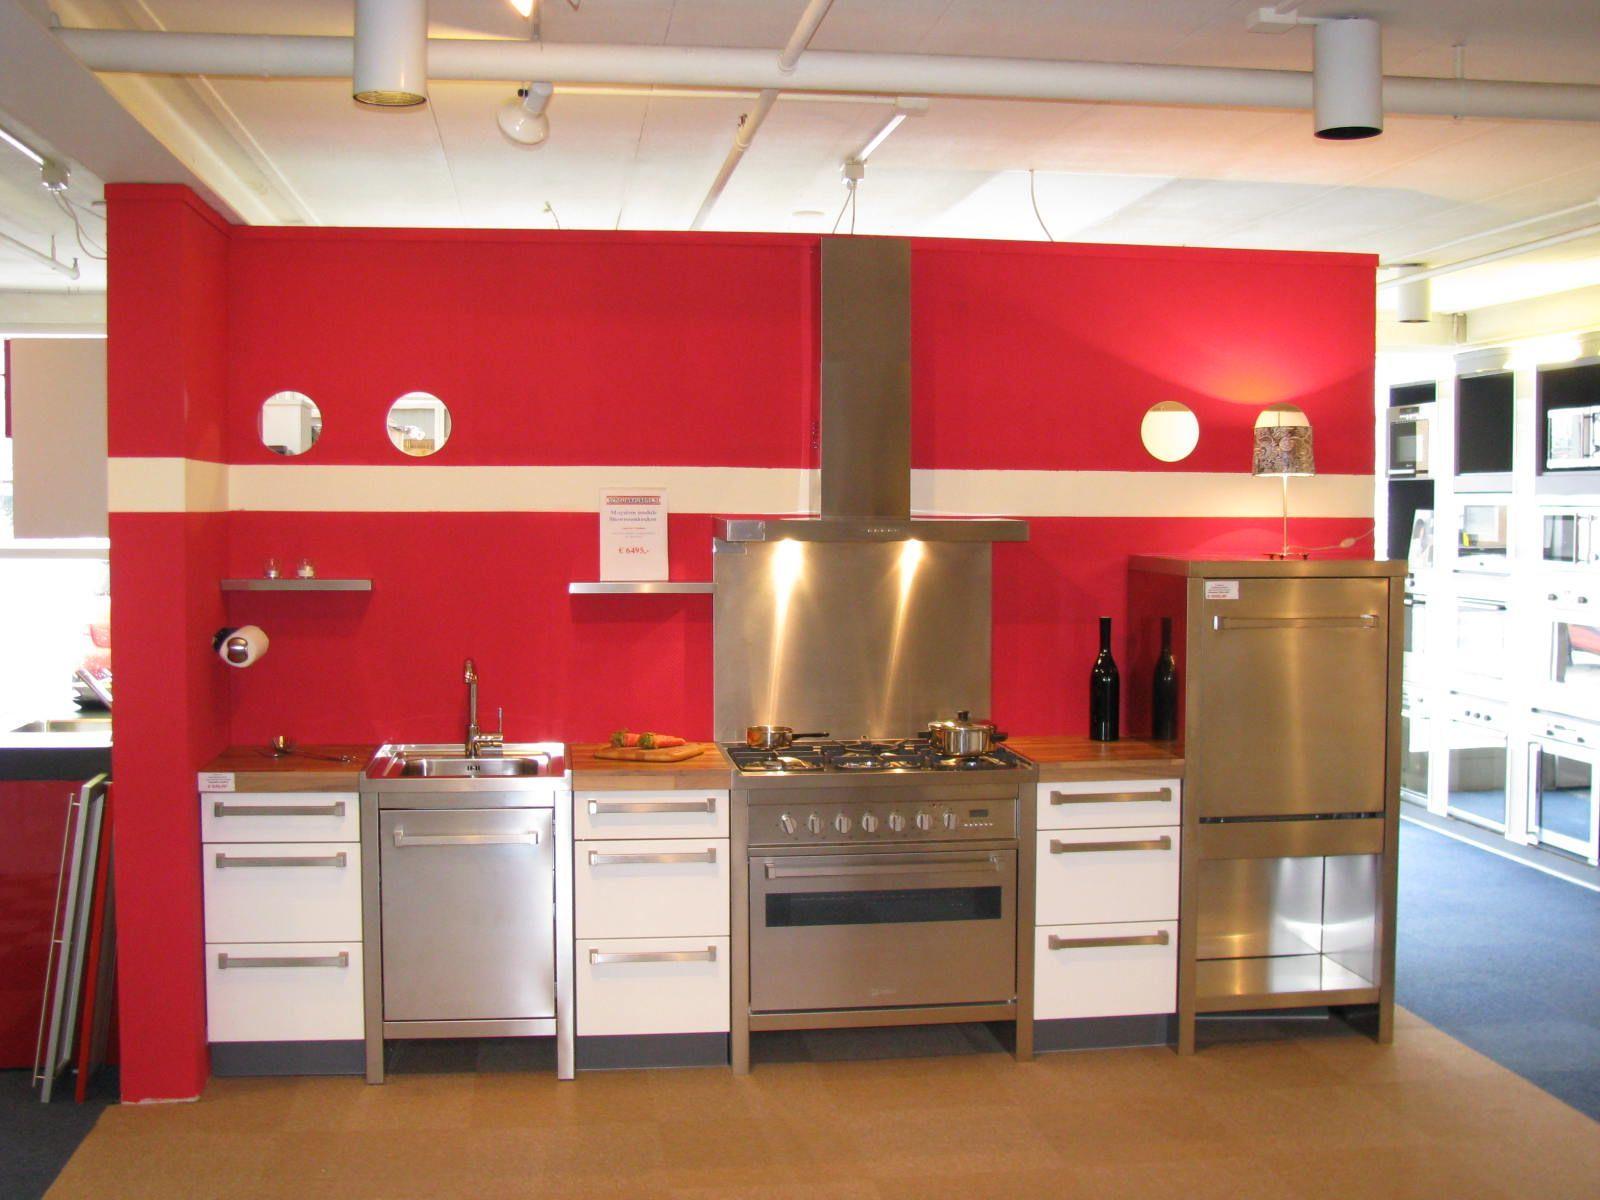 Keuken rood grijs google search kitchen good idea to use